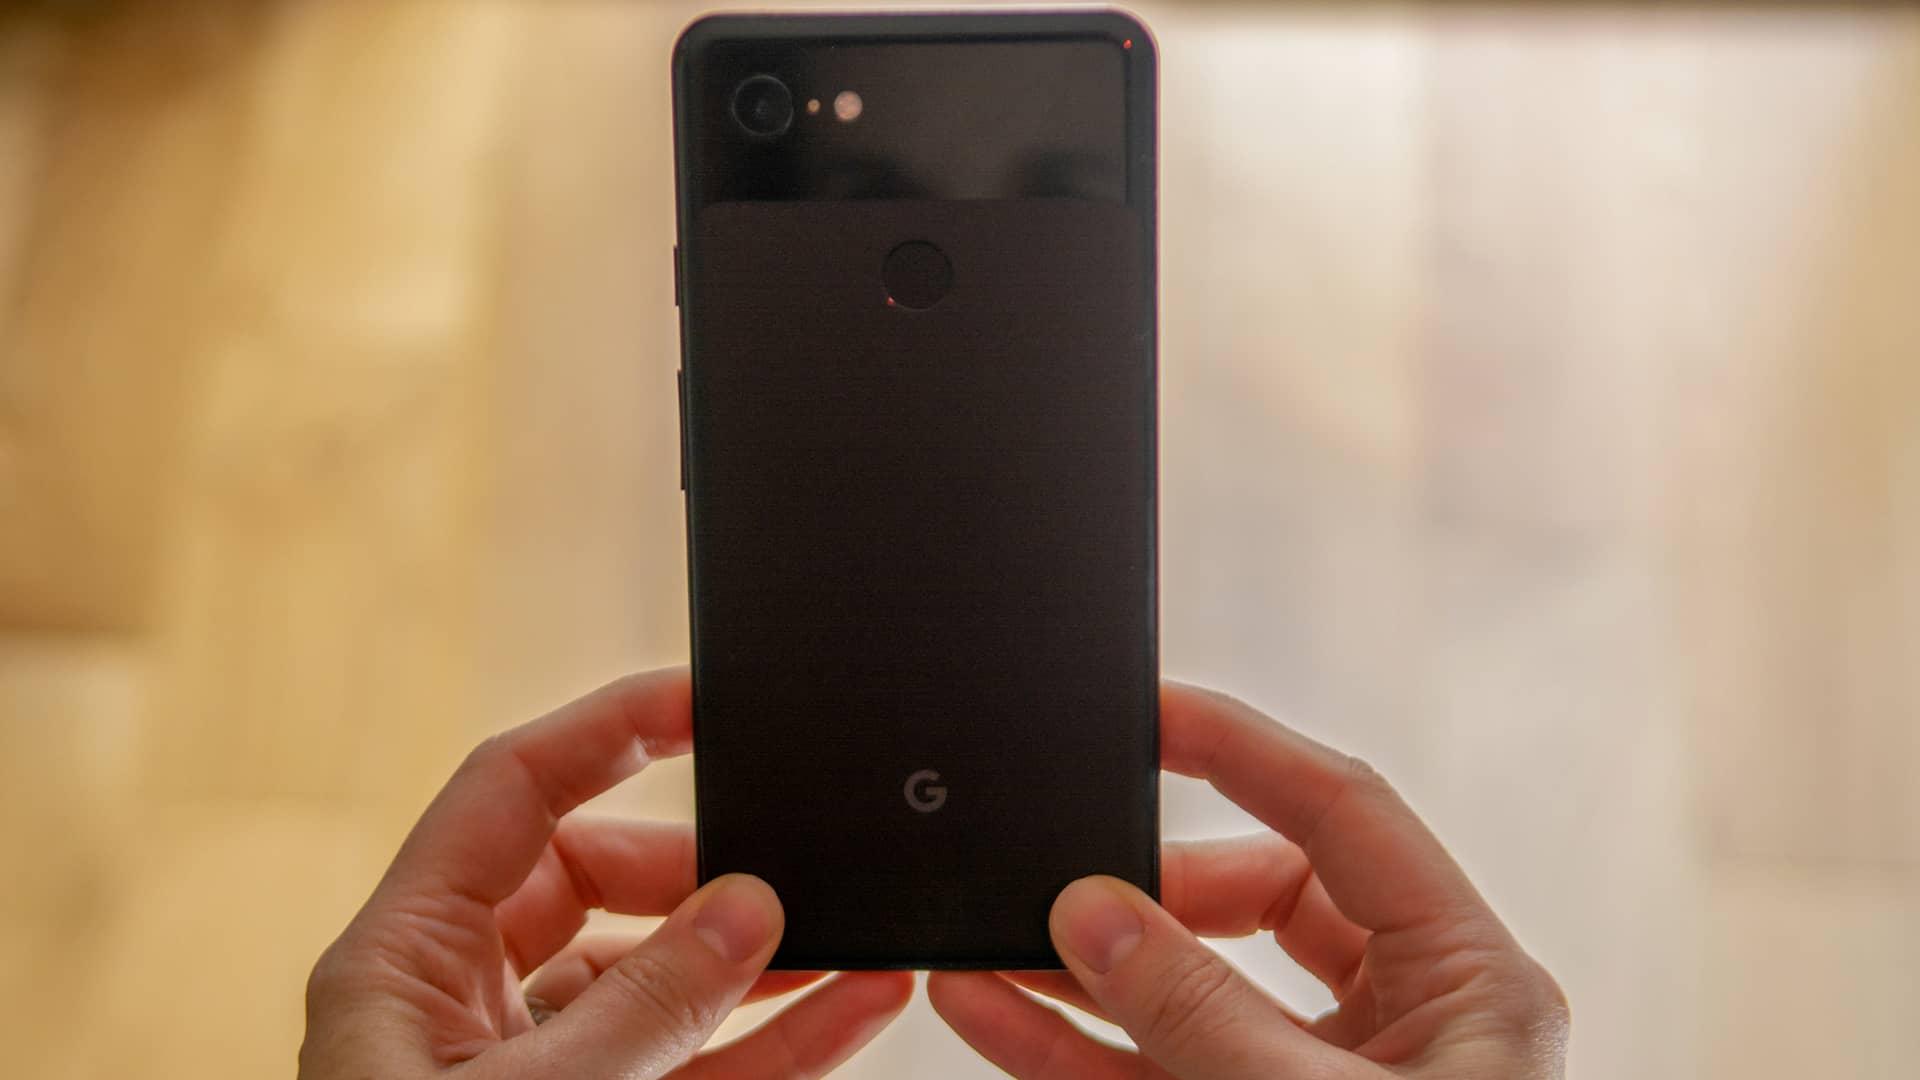 ¿Venderá Vodafone el Google Pixel 3? ¡Descúbrelo y reserva!